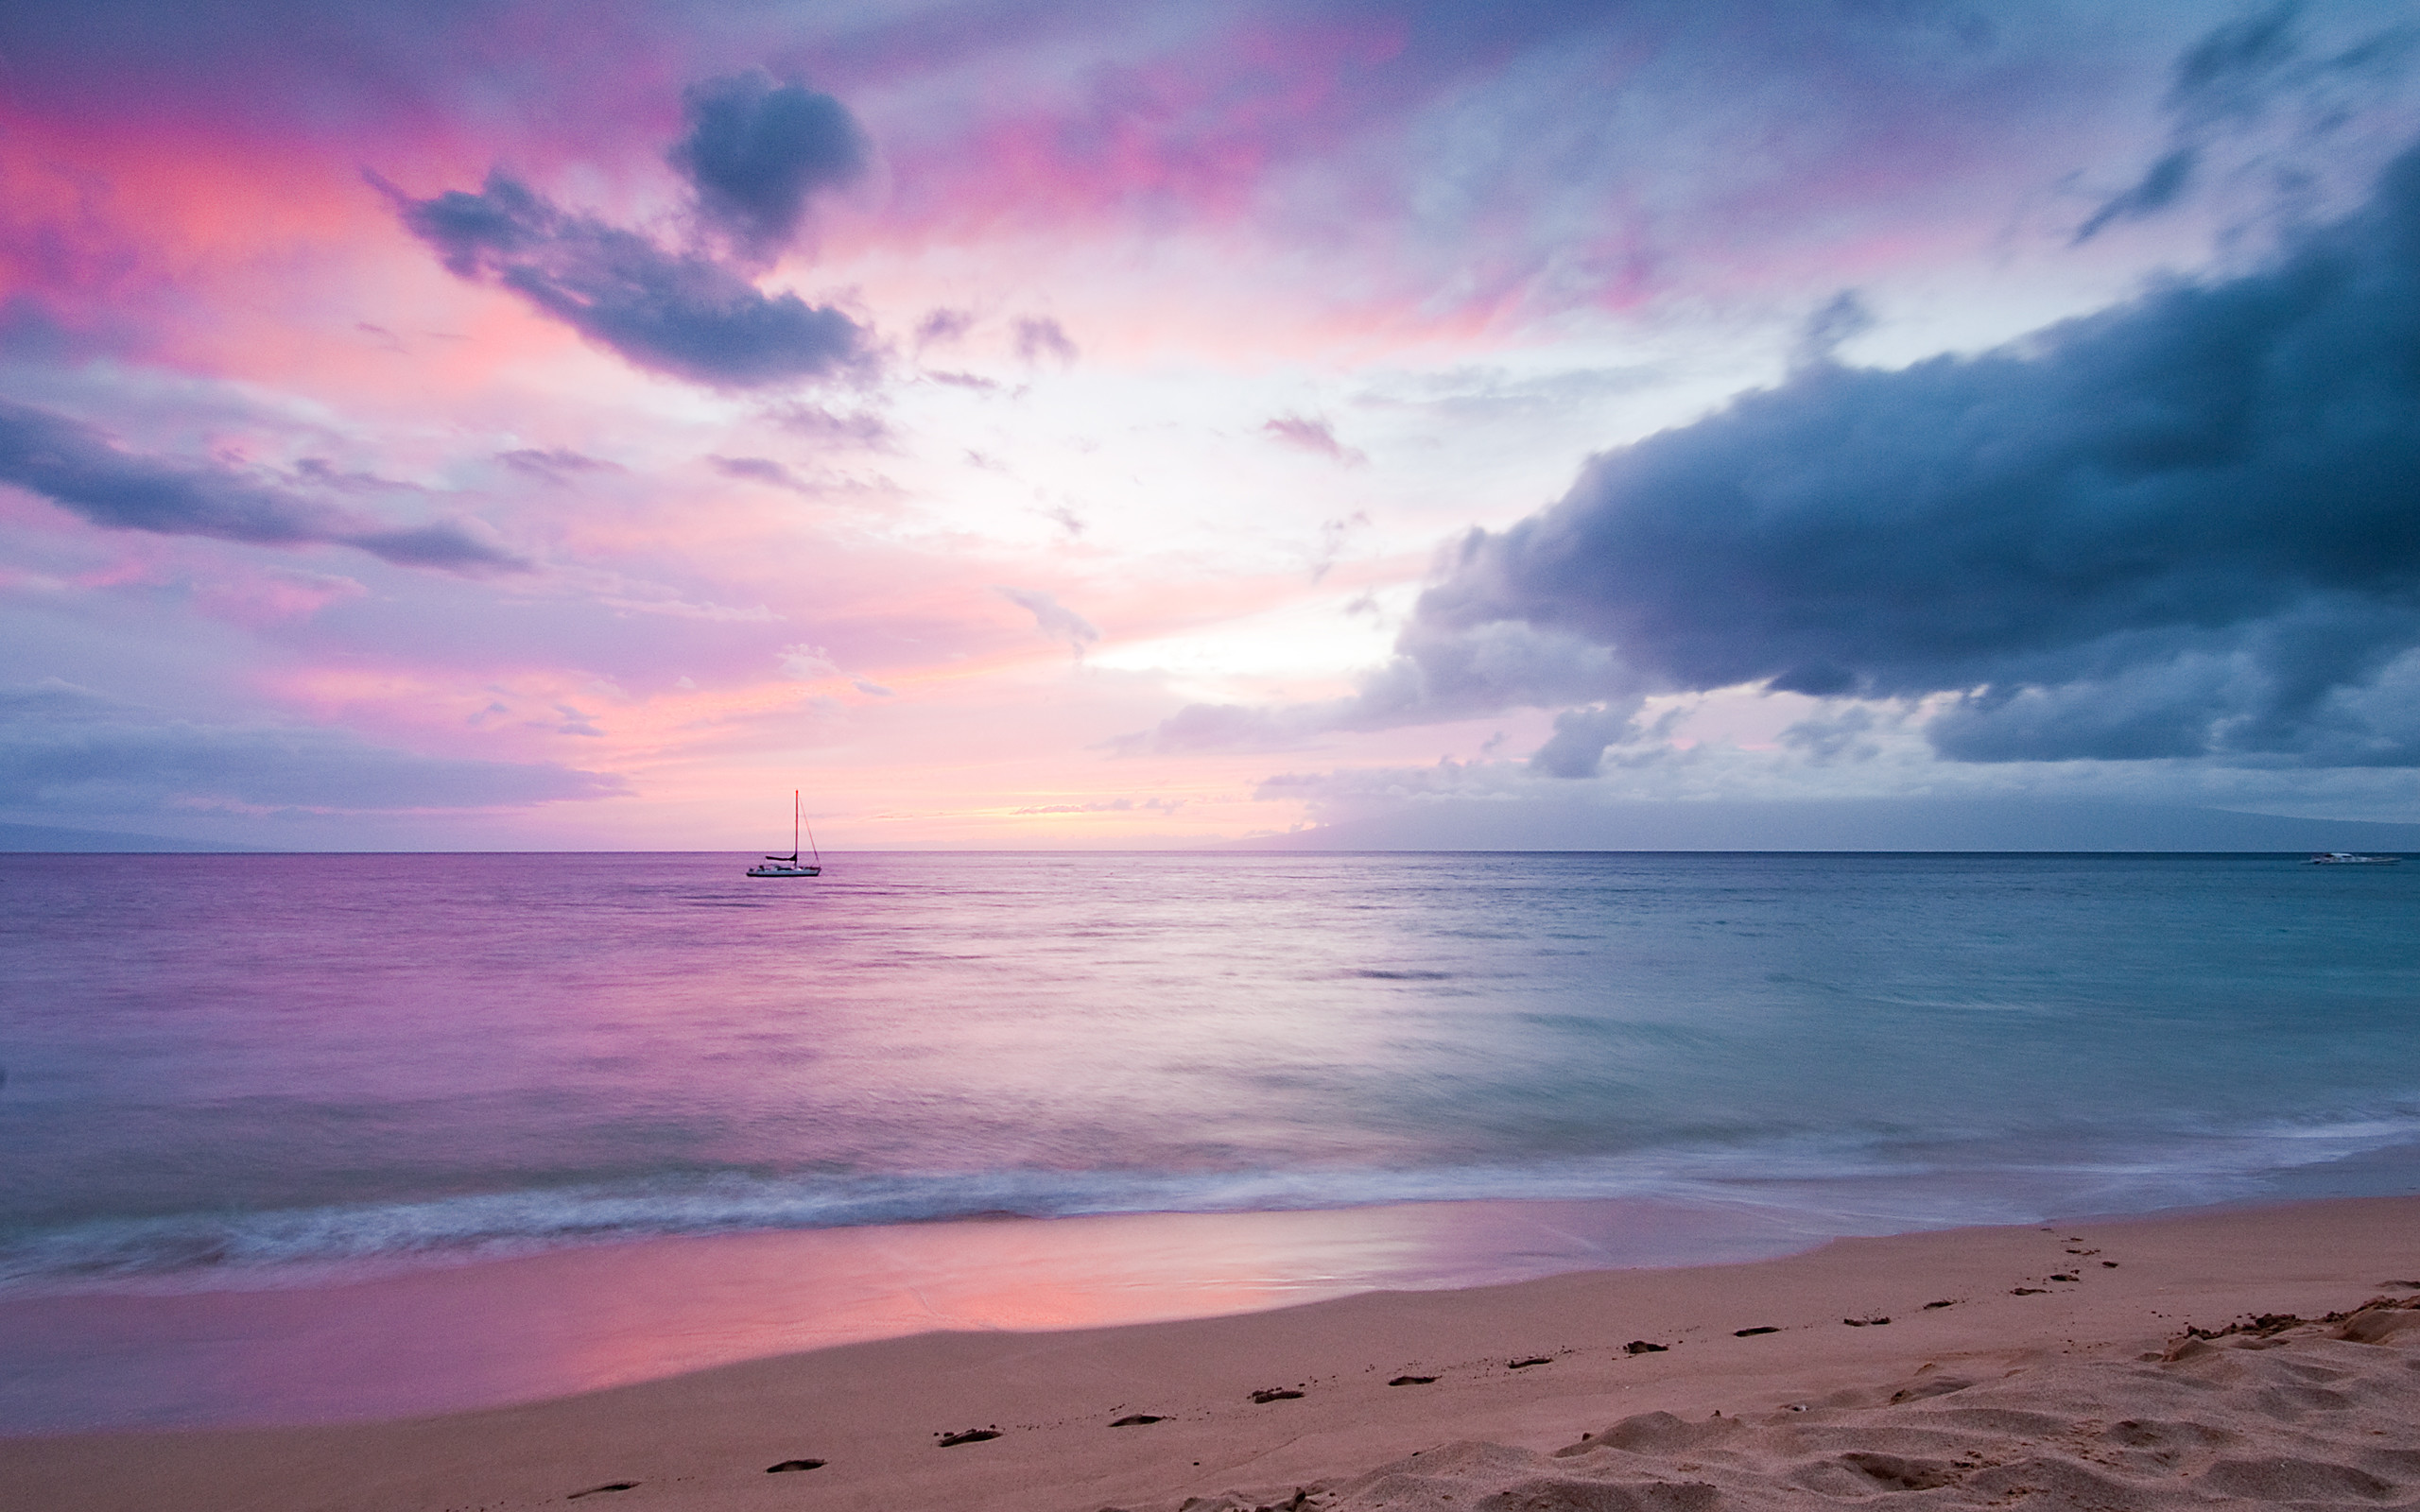 Beach Backgrounds As Wallpaper HD